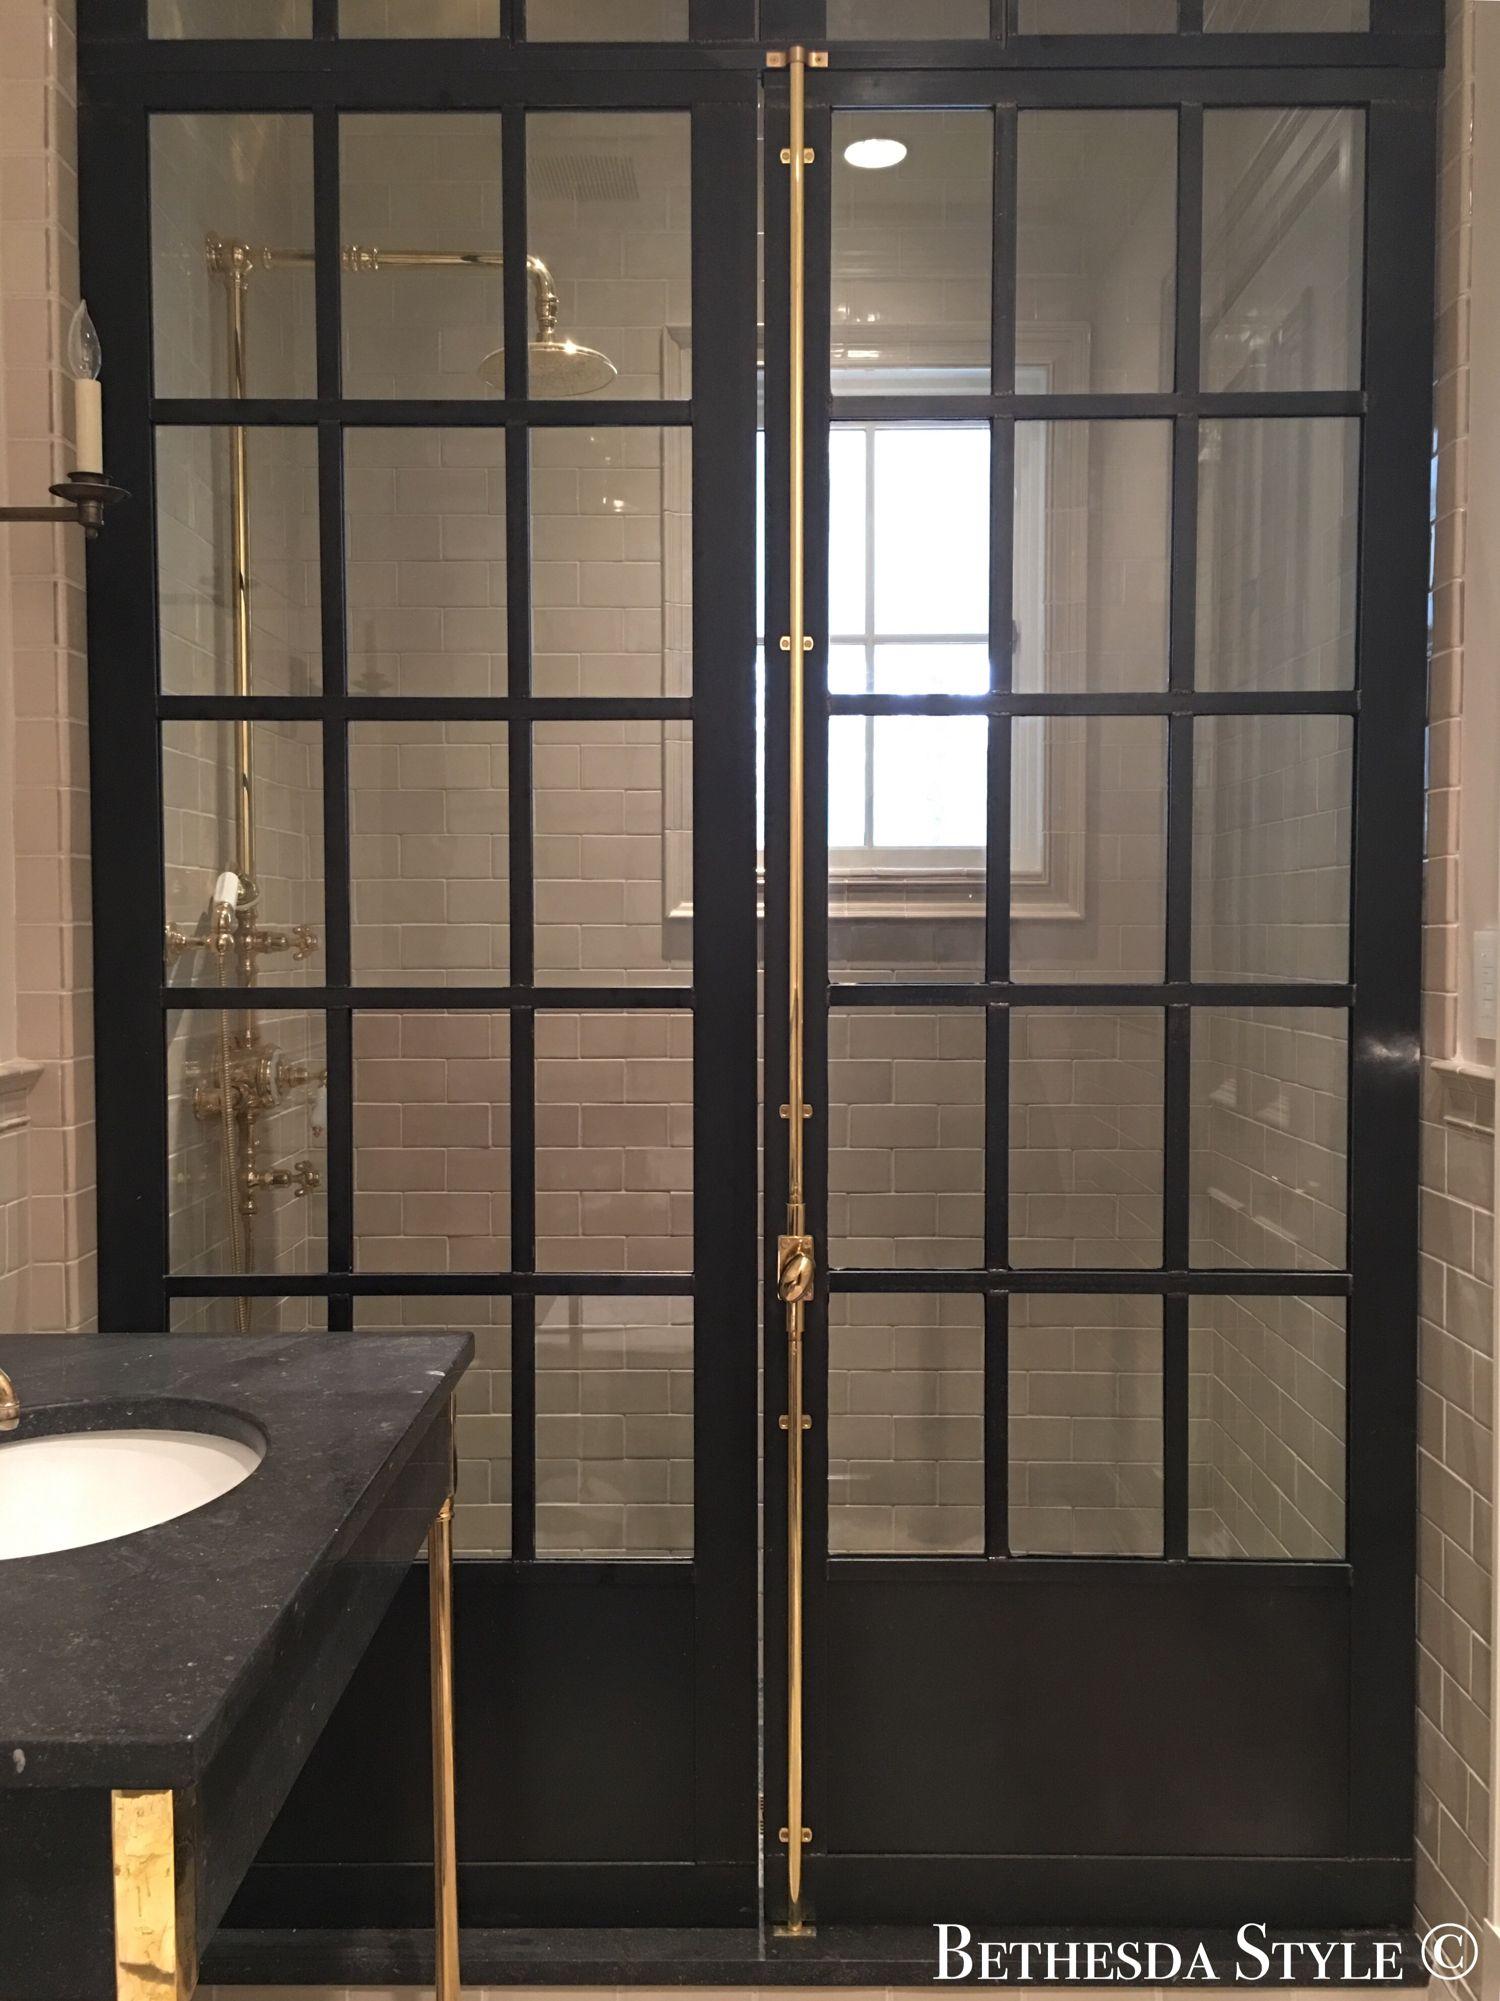 Bethesdastyle Steel Framed Mudroom Shower Doors Samuel Yellin Inspired By Custom Metals Of Virginia Shower Doors Shower Door Hardware Steel Shower Door